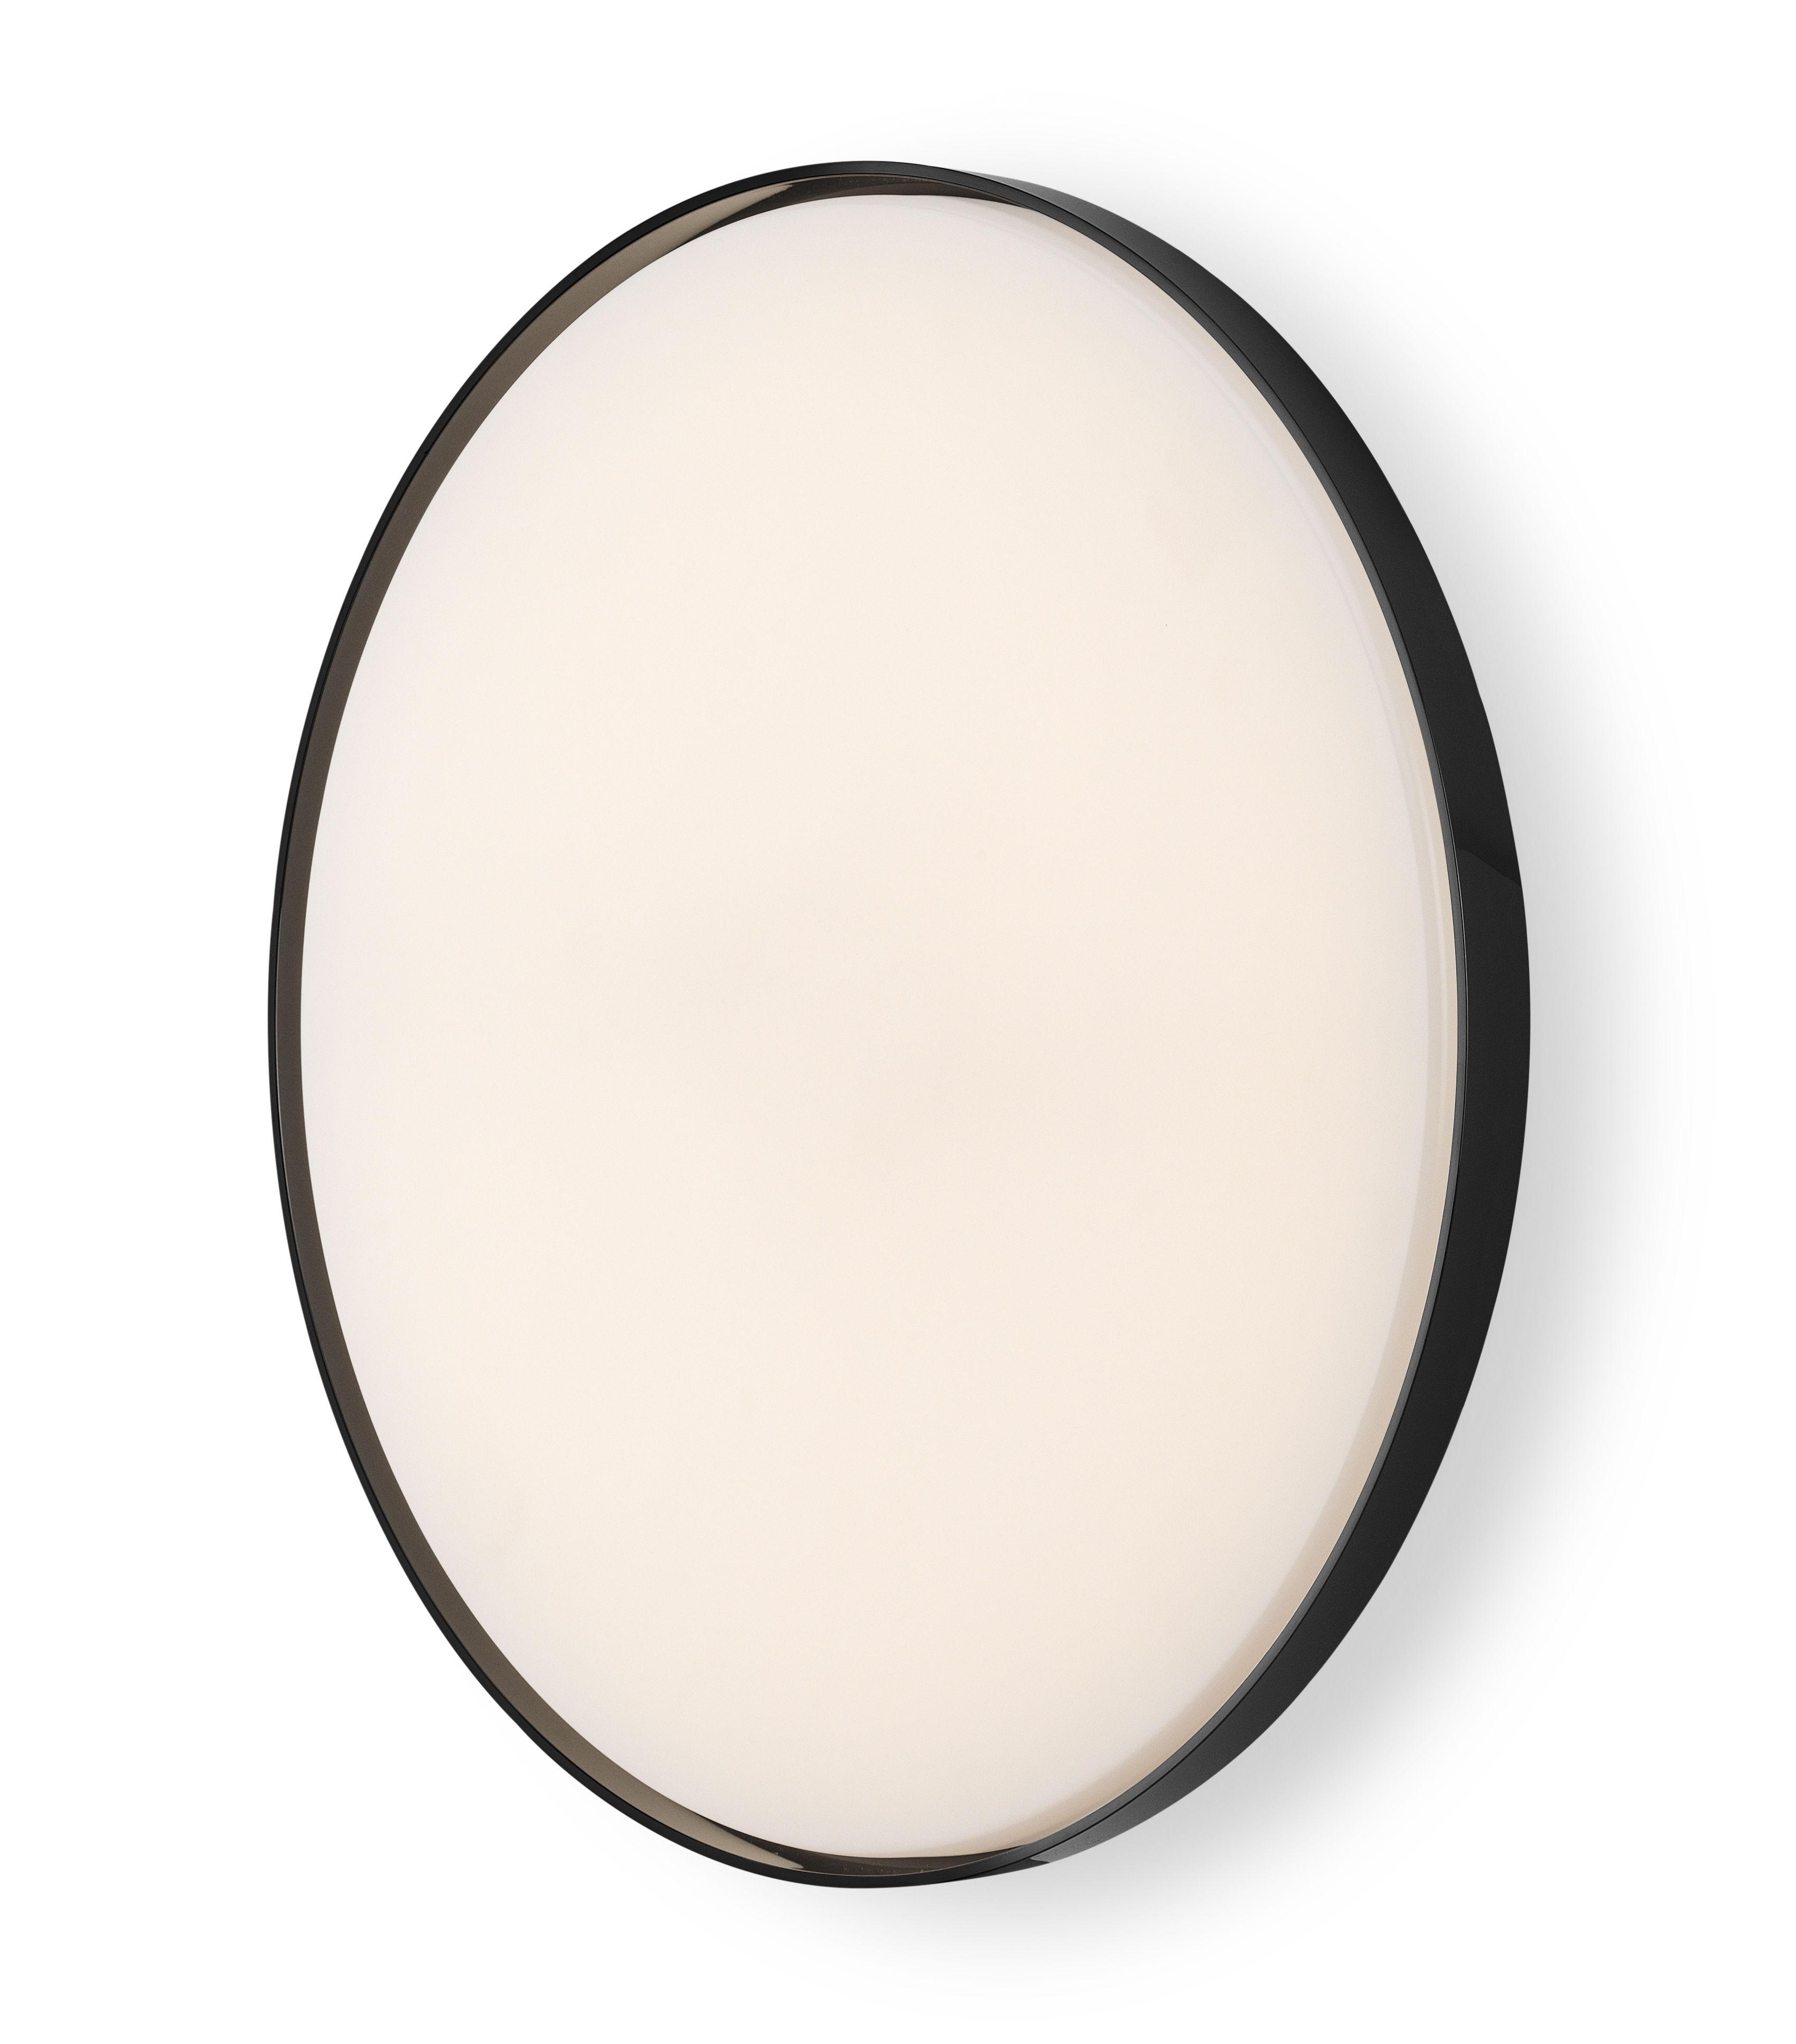 Luminaire - Appliques - Accessoire / Anneau pour applique Clara - Flos - Anneau noir - Polycarbonate